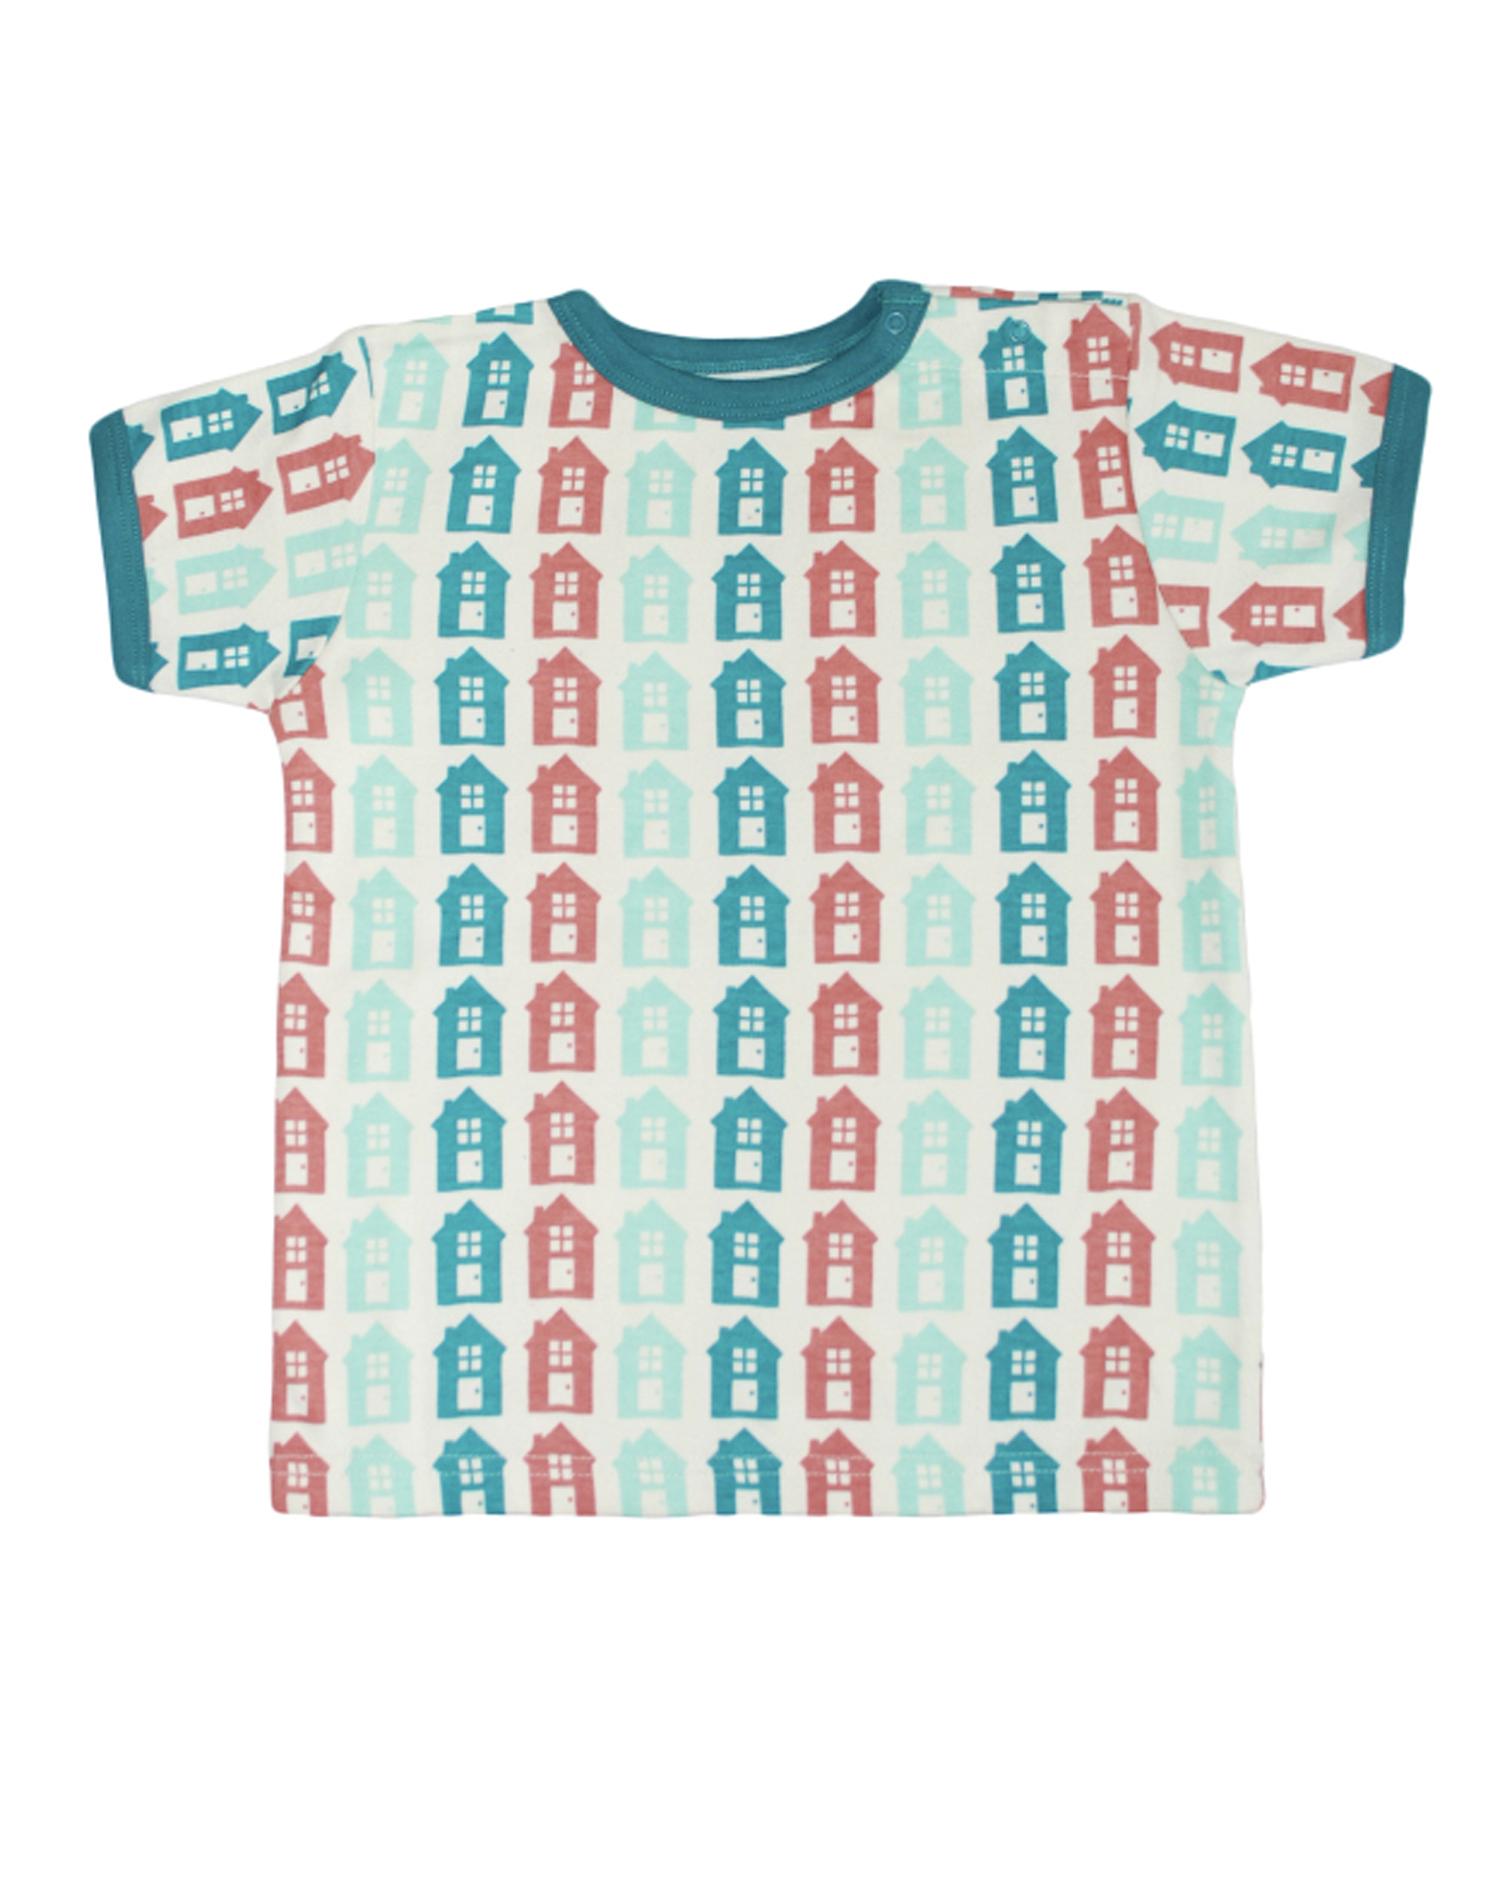 7703-91-houses_tshirt1500.jpg